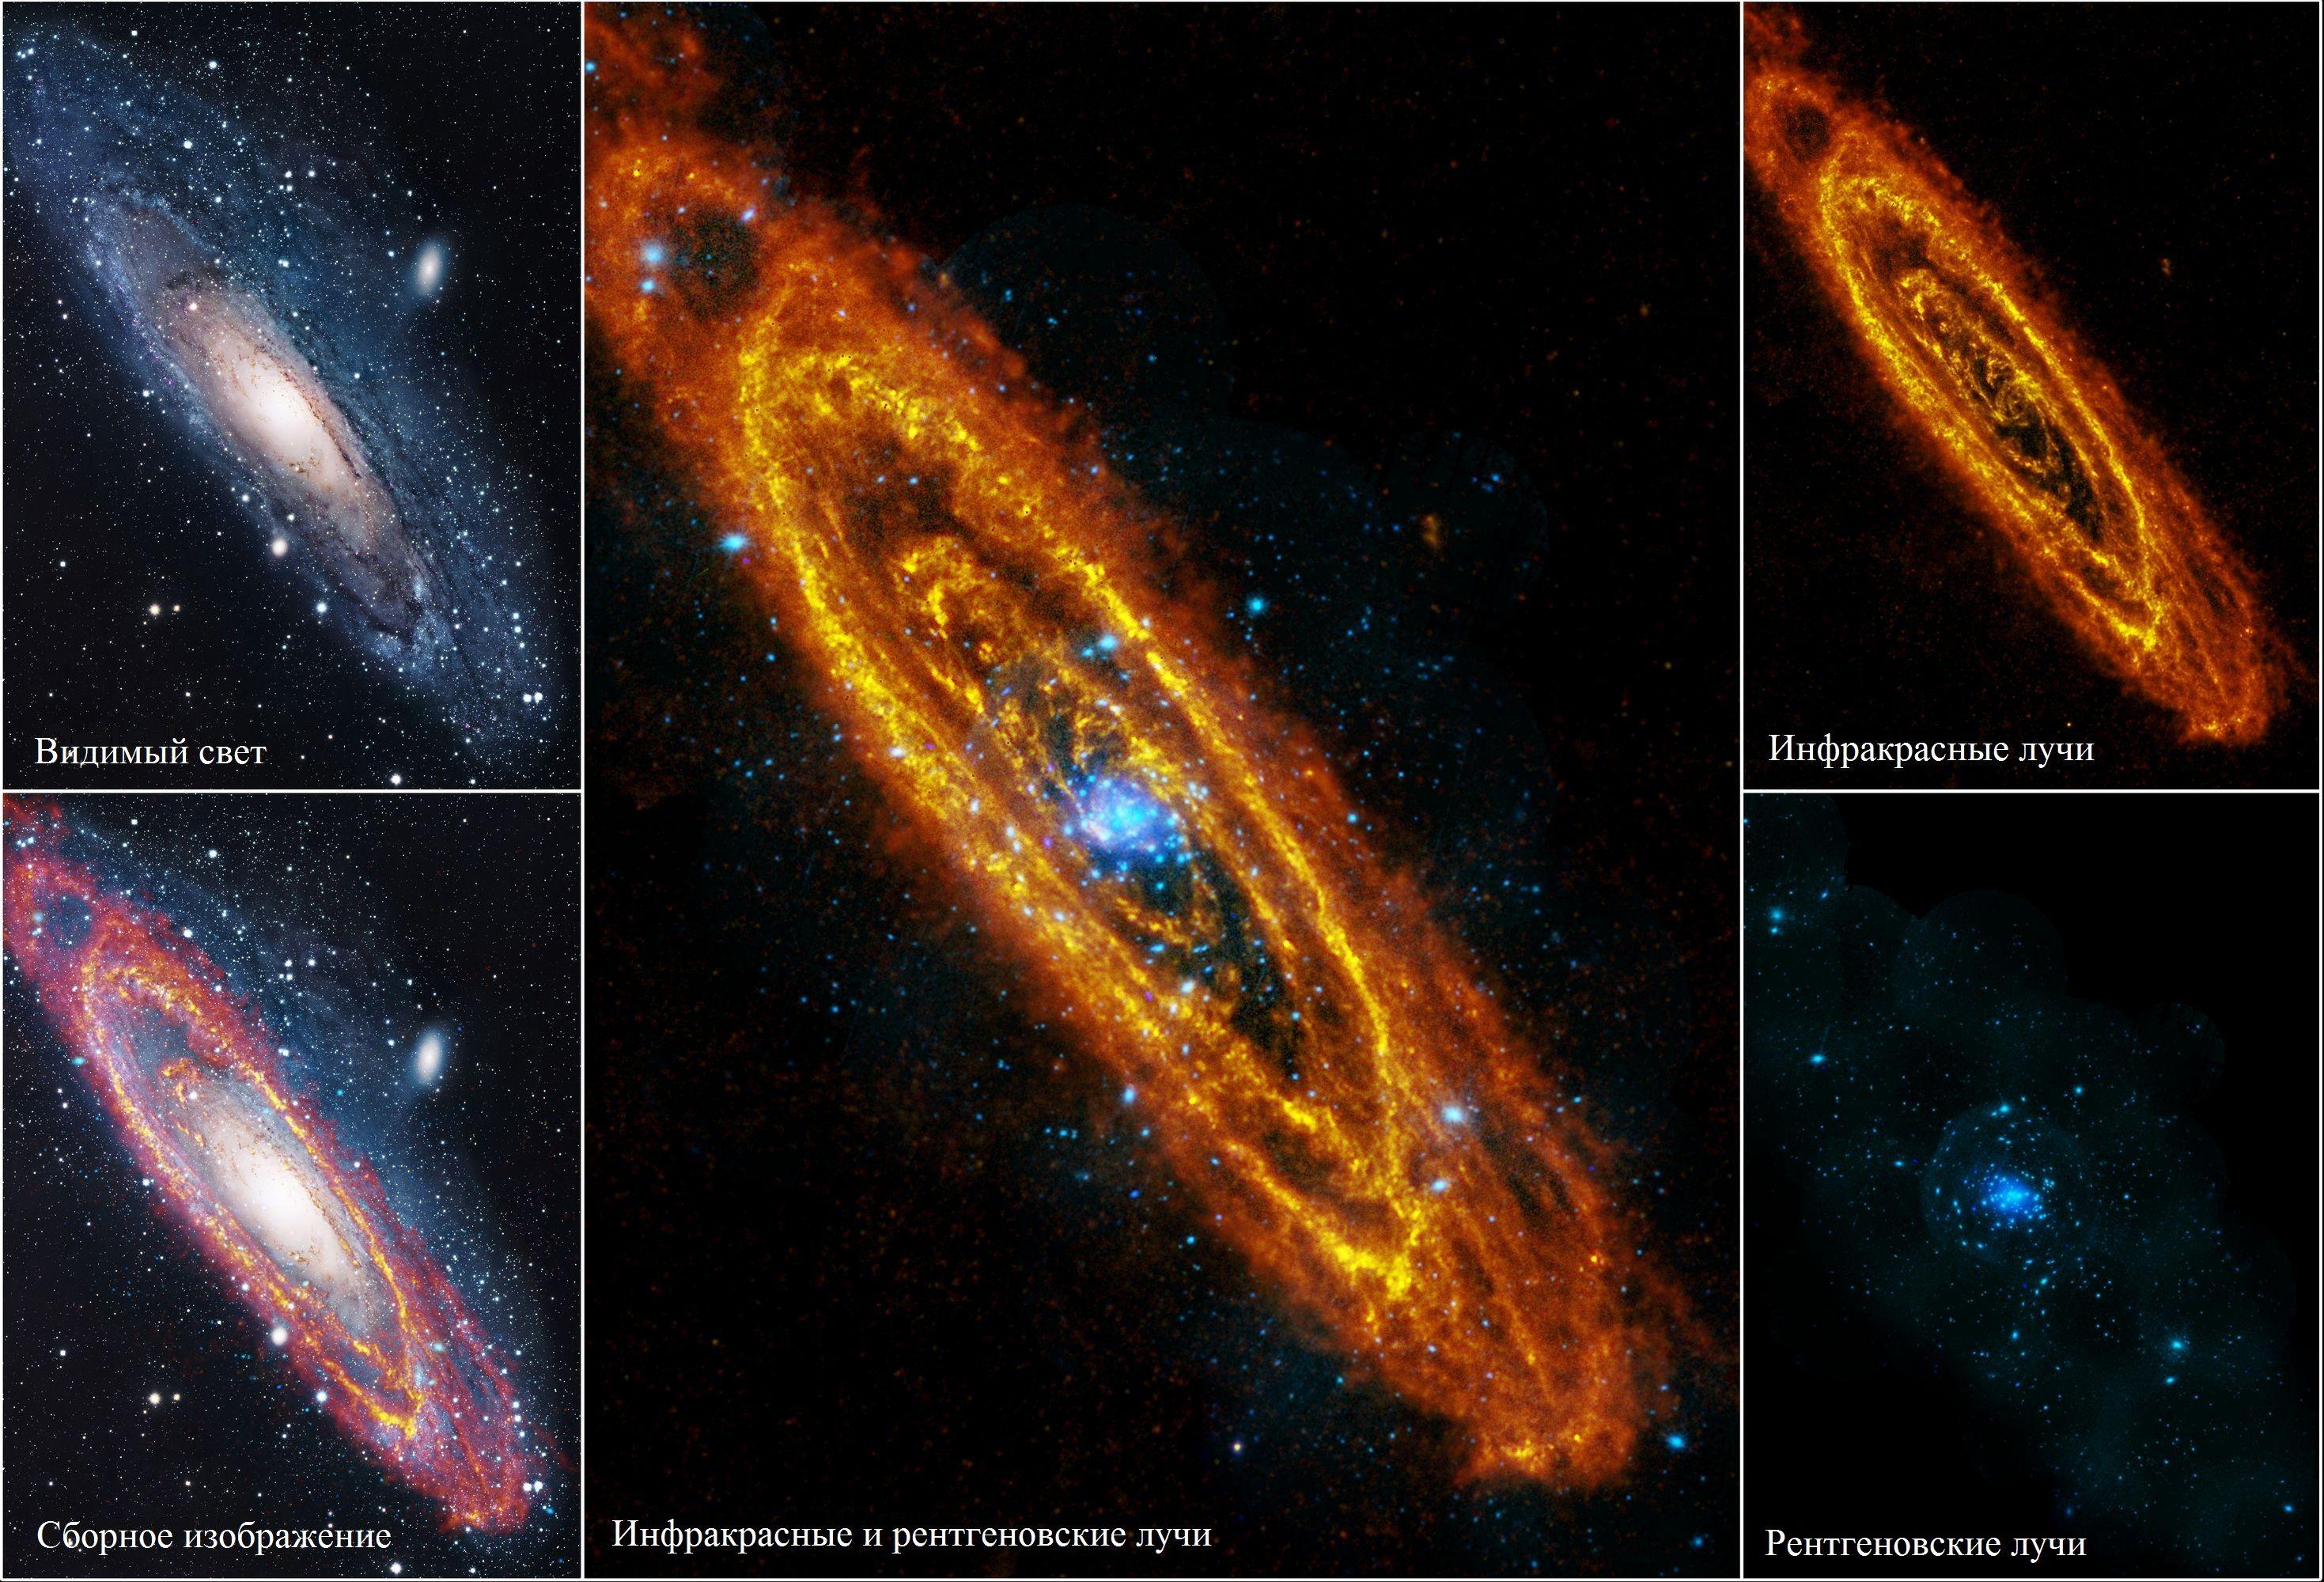 Галактика Андромеды в различных диапазонах электромагнитного спектра